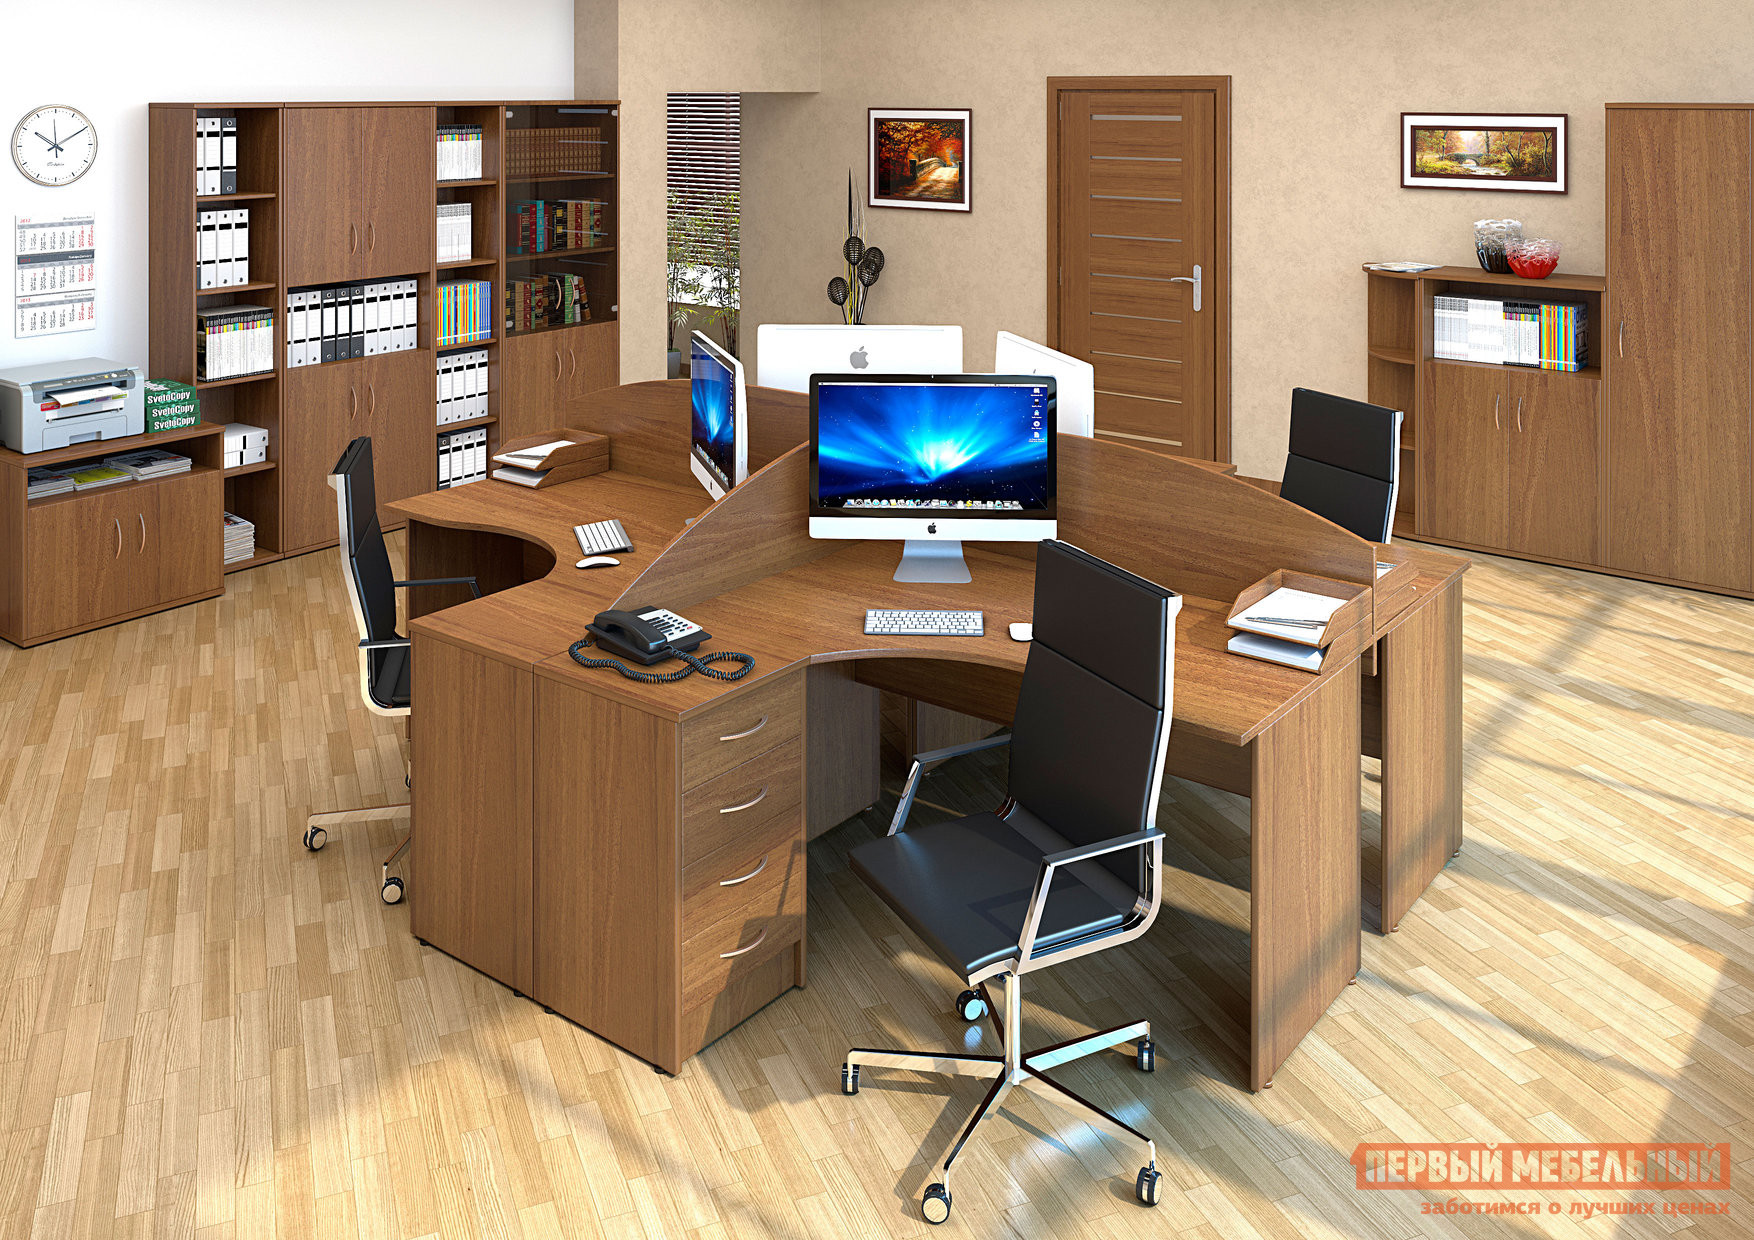 Комплект офисной мебели Riva Рива К3 комплект офисной мебели riva рива ресепшн к1